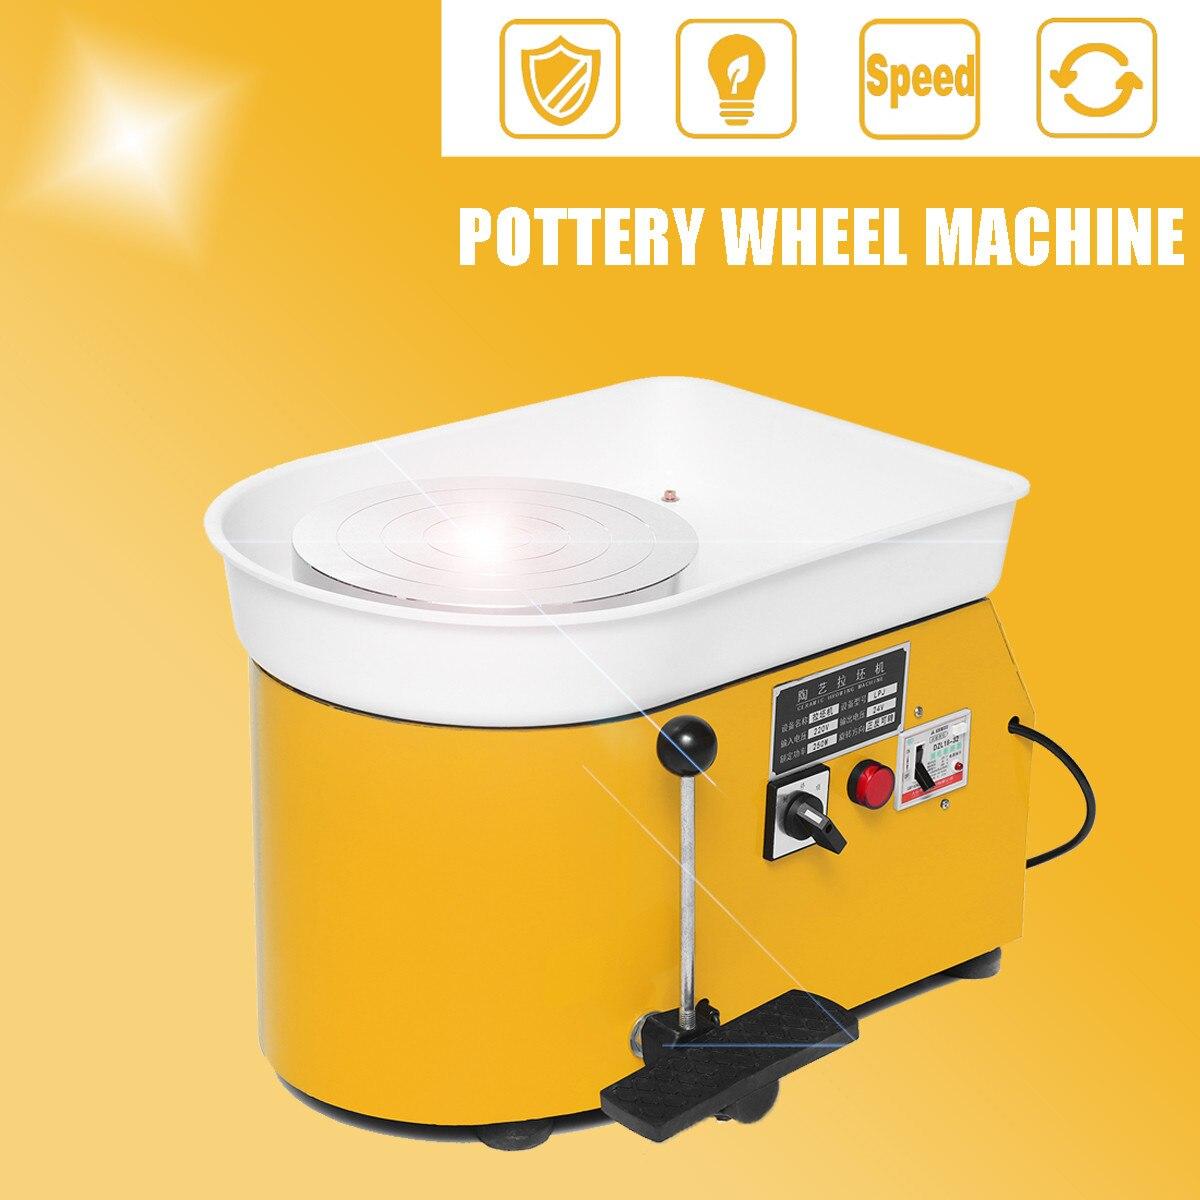 250 W 110 V US élégant jaune électrique poterie roue Machine accessoire céramique argile outil pied pédale Art artisanat